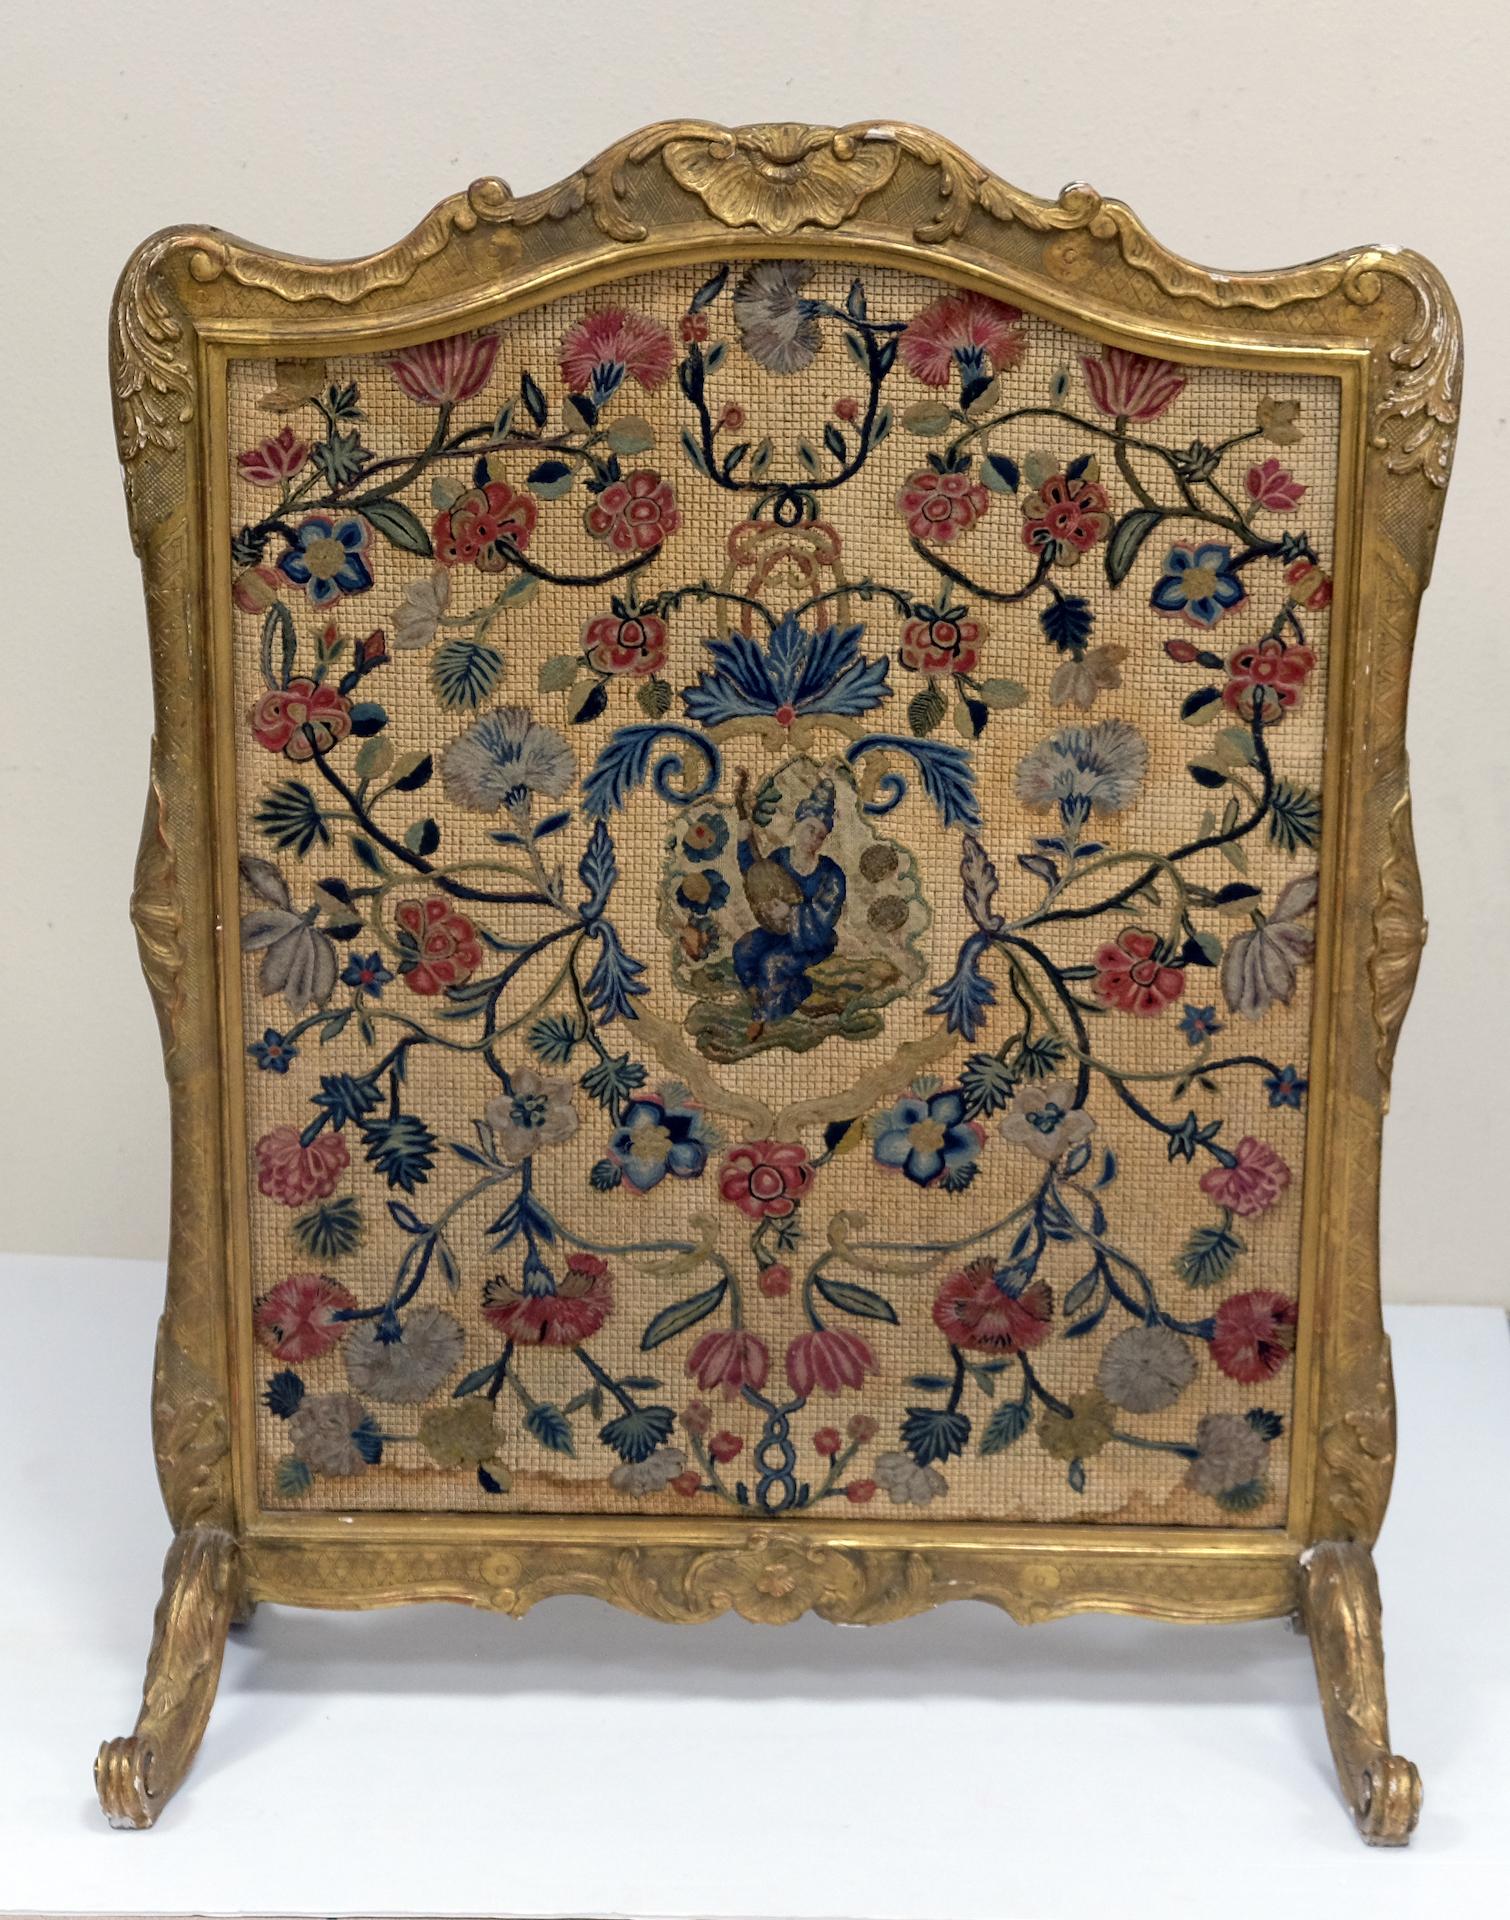 ECRAN de salon en bois sculpté et doré. Style Louis XV, XIXe. 102 X 79 X 38.